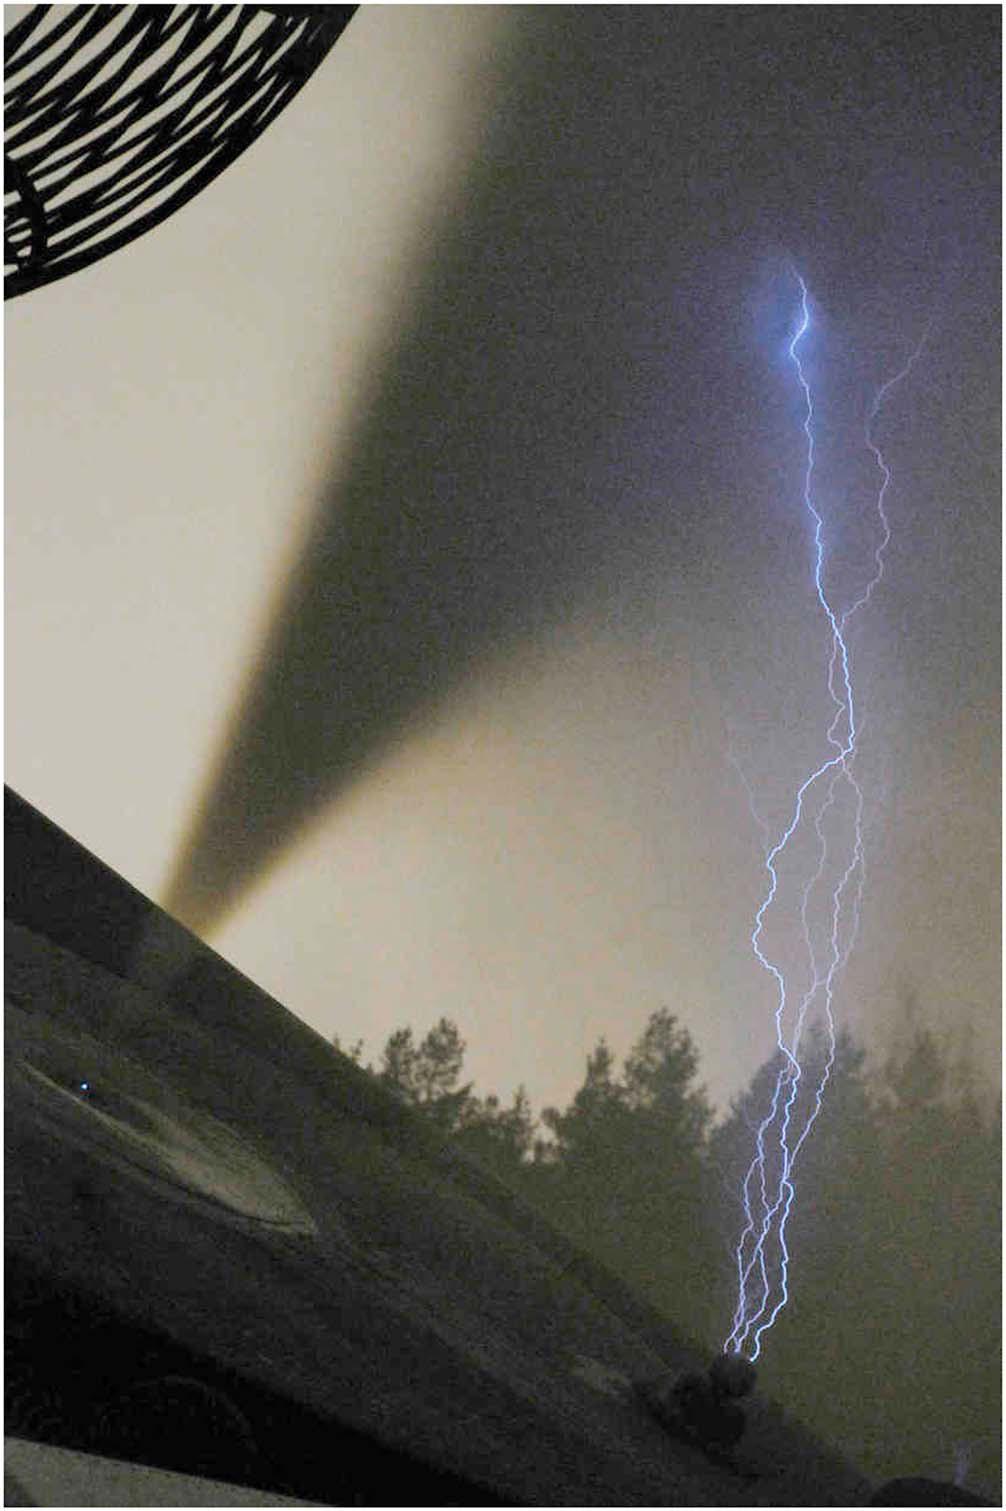 Фото в видимом диапазоне (выдержка 5 с) отрицательно заряженного аэрозольного облака (наклонная темная струя) и четырех восходящих положительных разрядов длиной около 1,5 м, которые поднимаются с заземленного шарика. Внутри облака не видно светящихся образований (из указанной статьи)